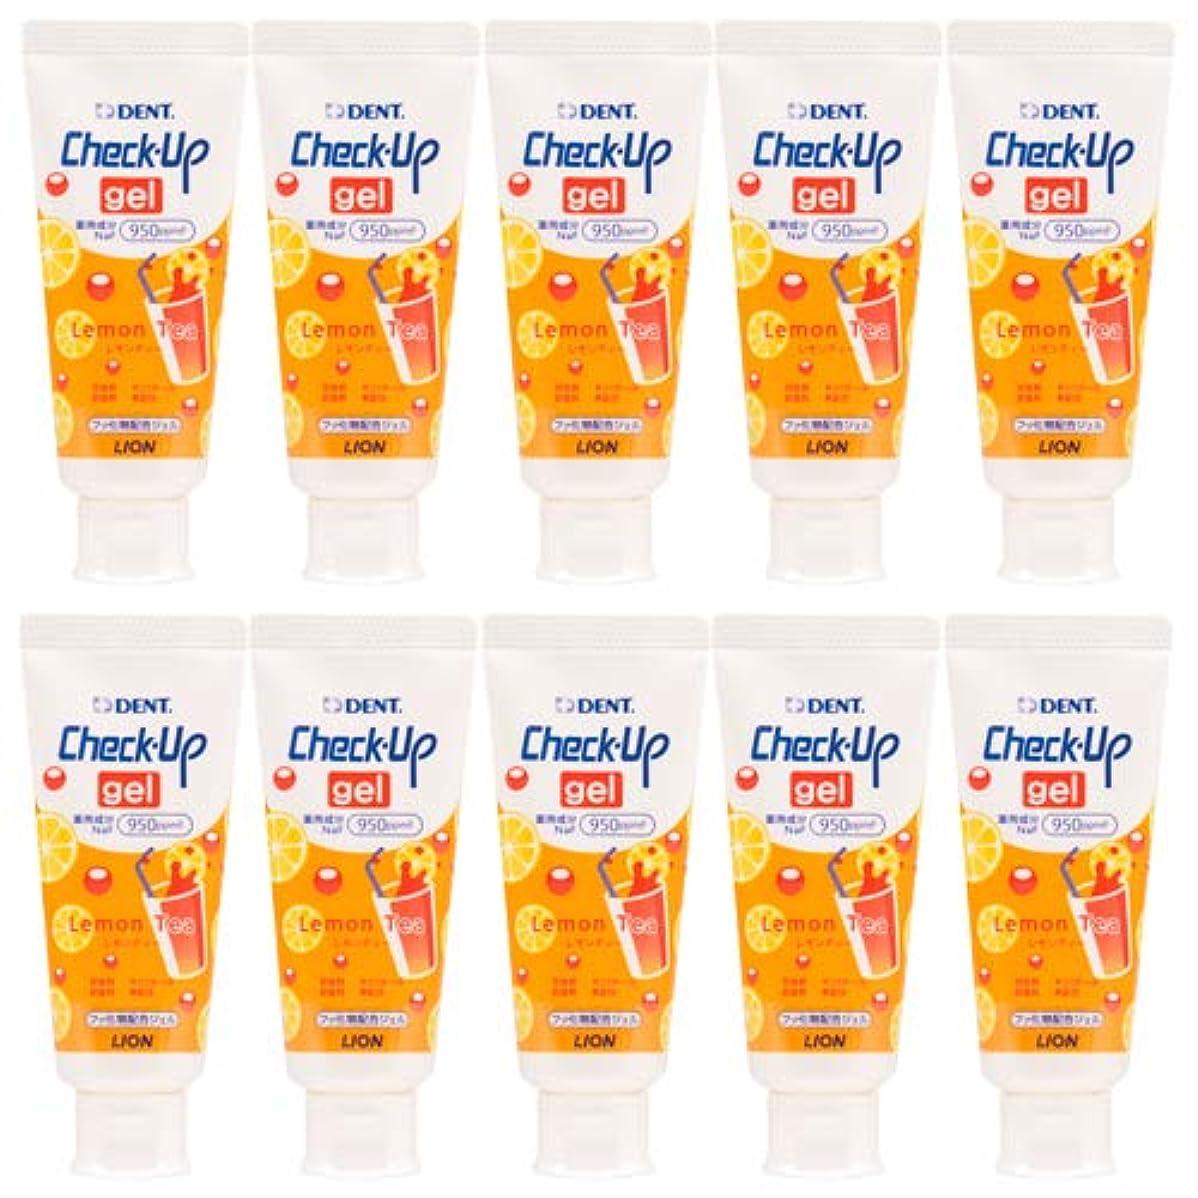 愛人より多いガラスライオン 歯科用 チェックアップジェル 10本 歯磨き粉 レモンティー 60g